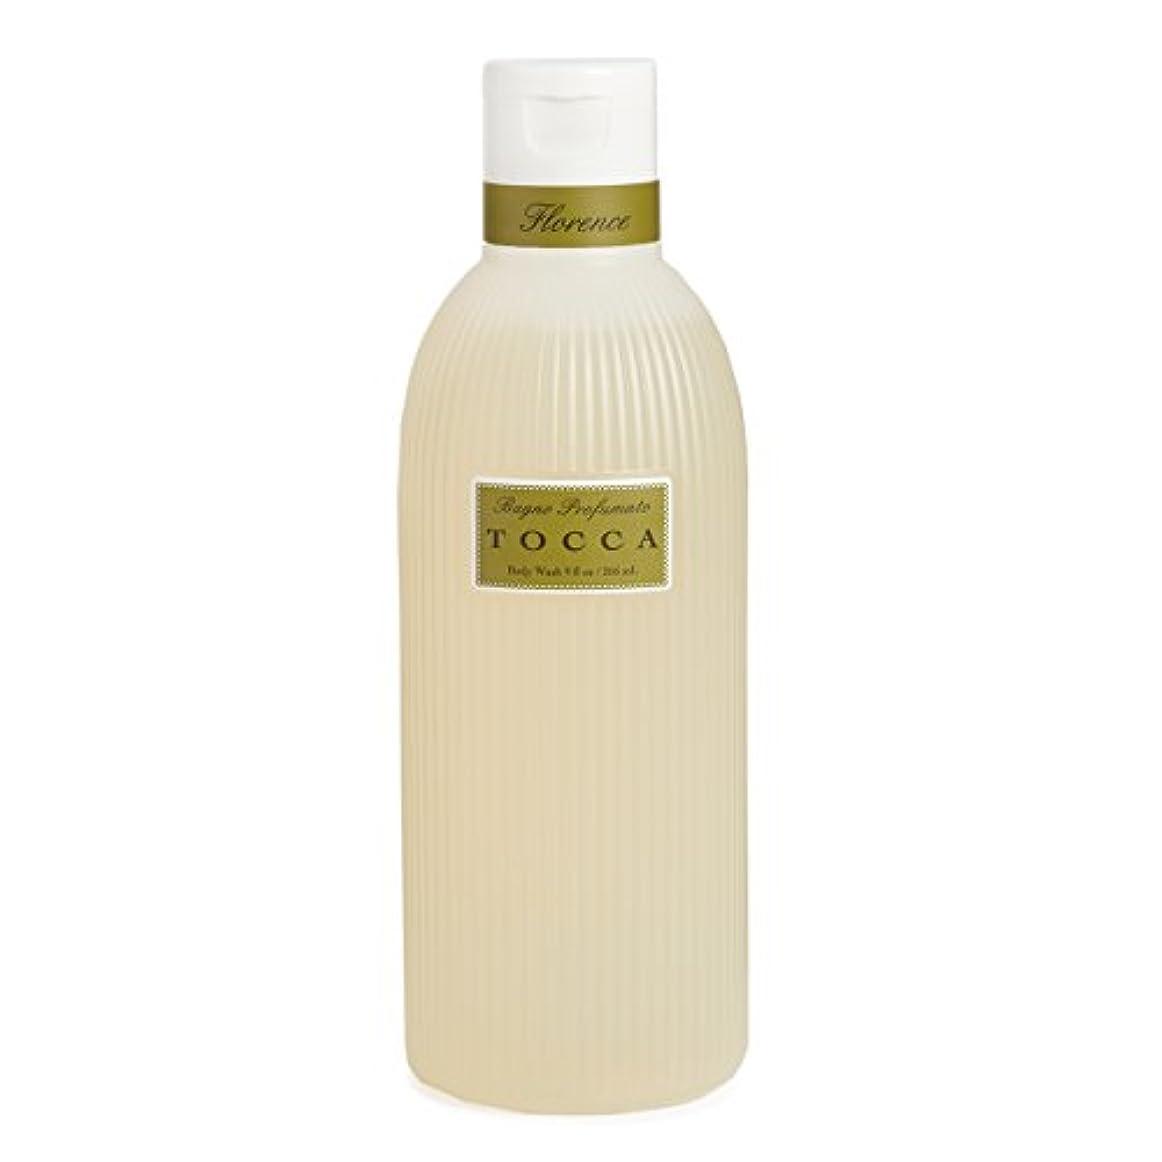 ベスビオ山清める執着トッカ(TOCCA) ボディーケアウォッシュ フローレンスの香り 266ml(全身用洗浄料 ボディーソープ ガーデニアとベルガモットが誘うように溶け合うどこまでも上品なフローラルの香り)